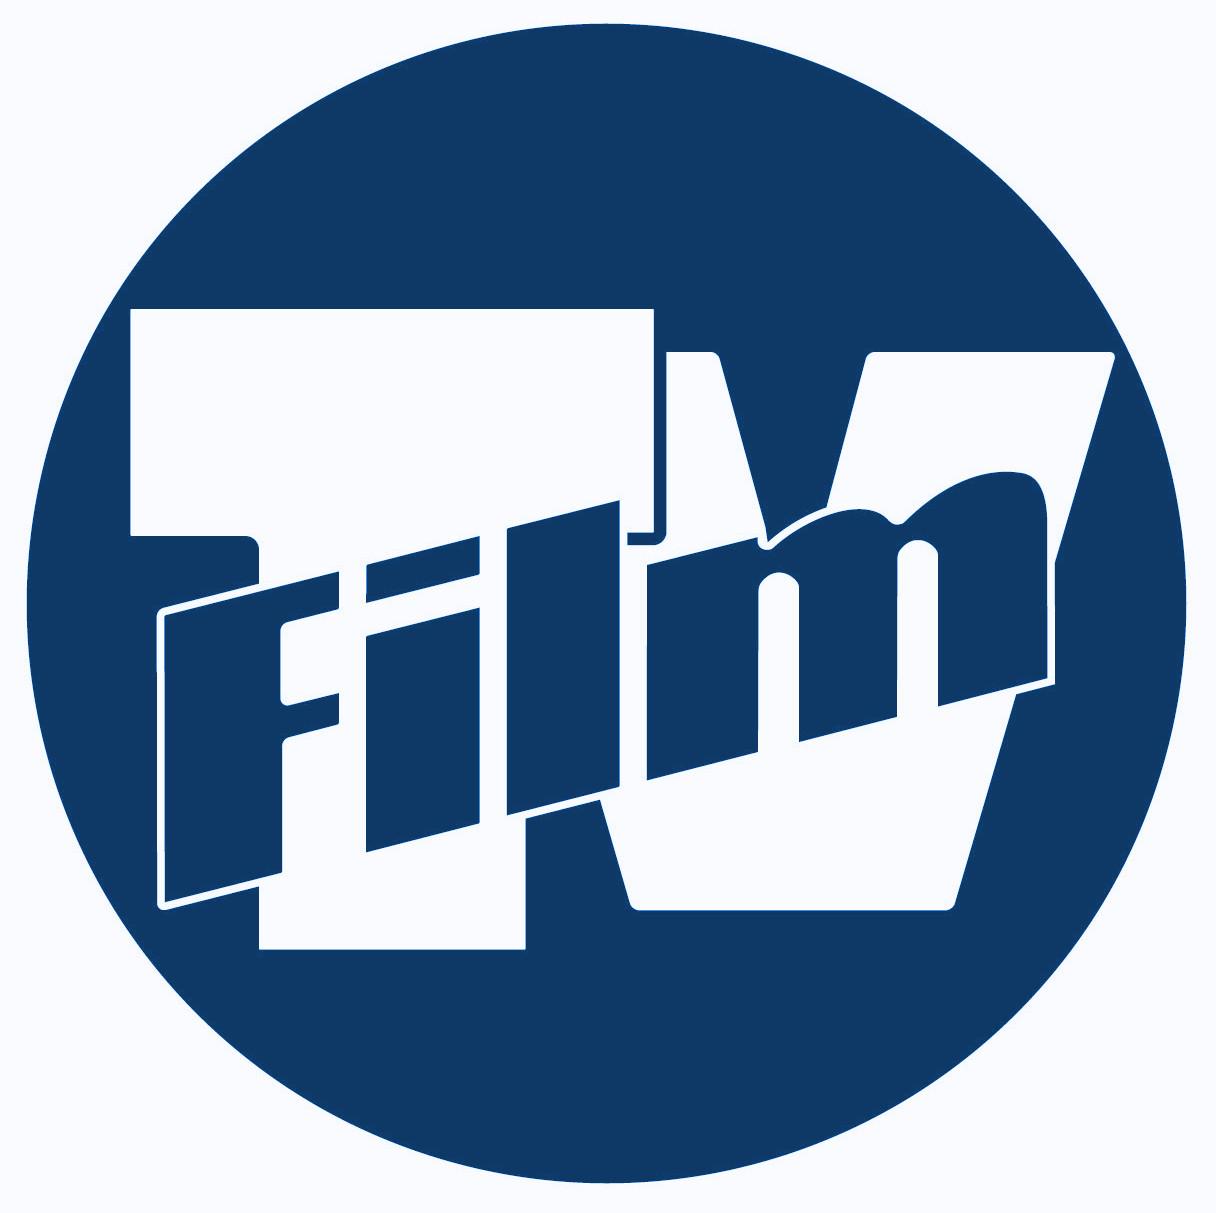 logo flat crop blu.jpg